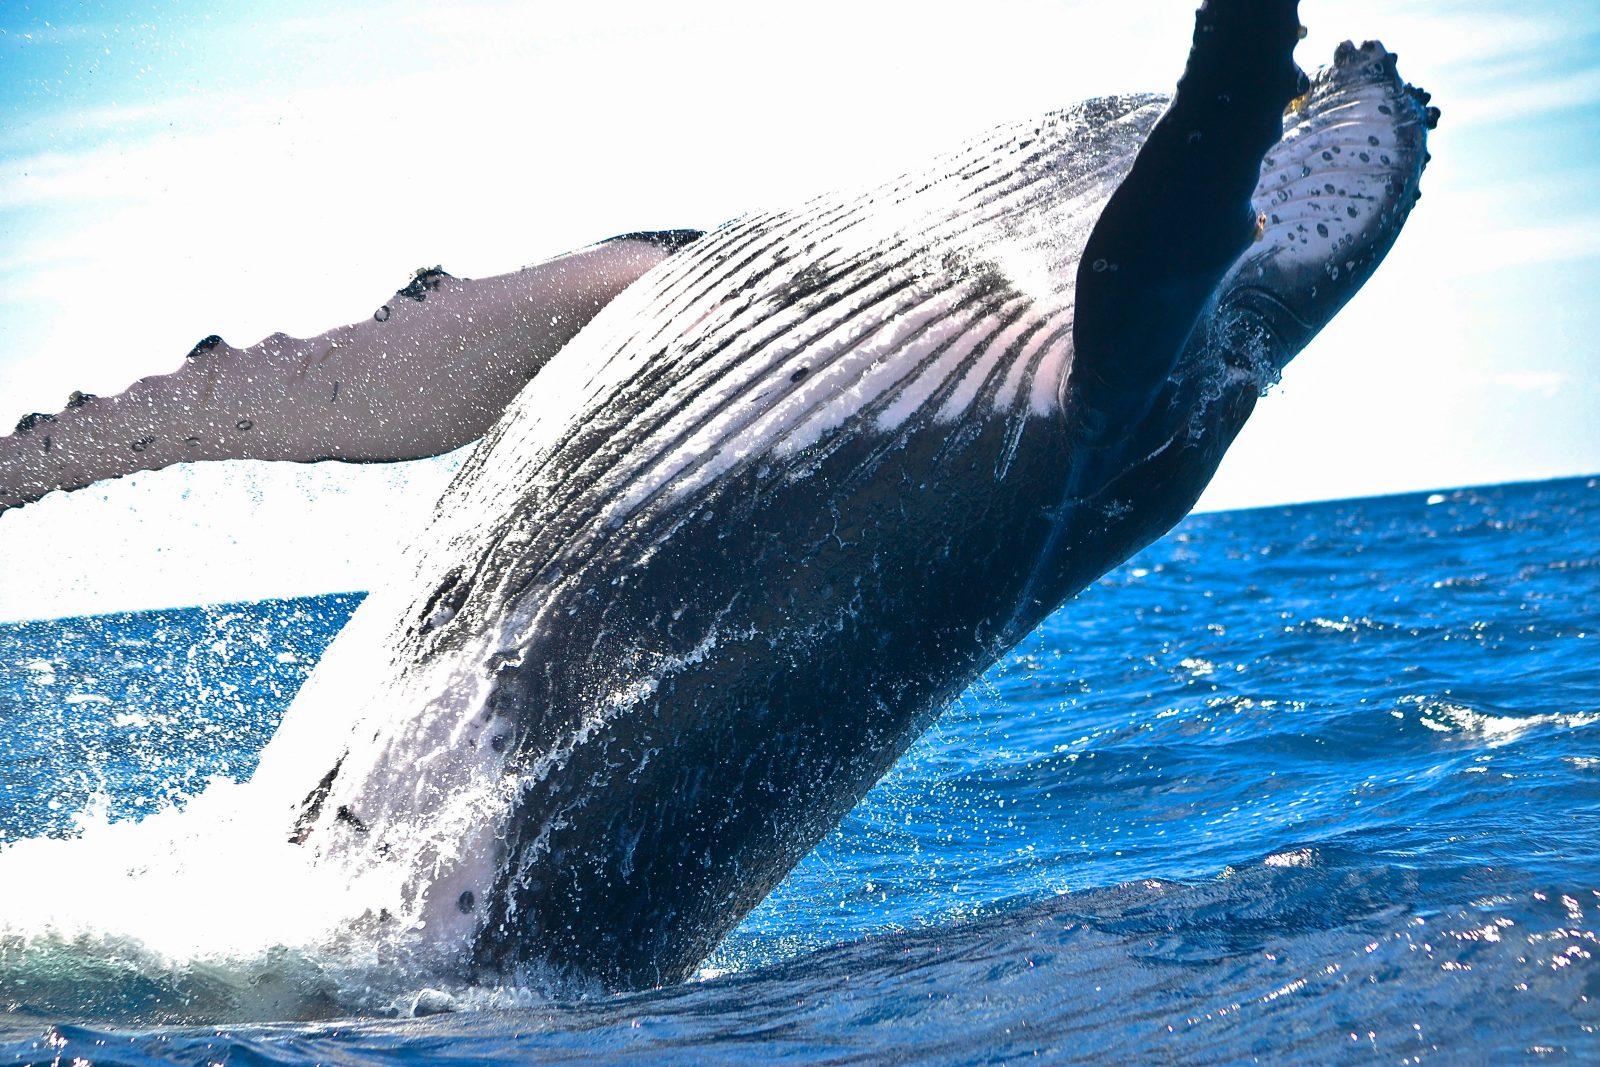 baleia jubarte cinza escura com manchas brancas